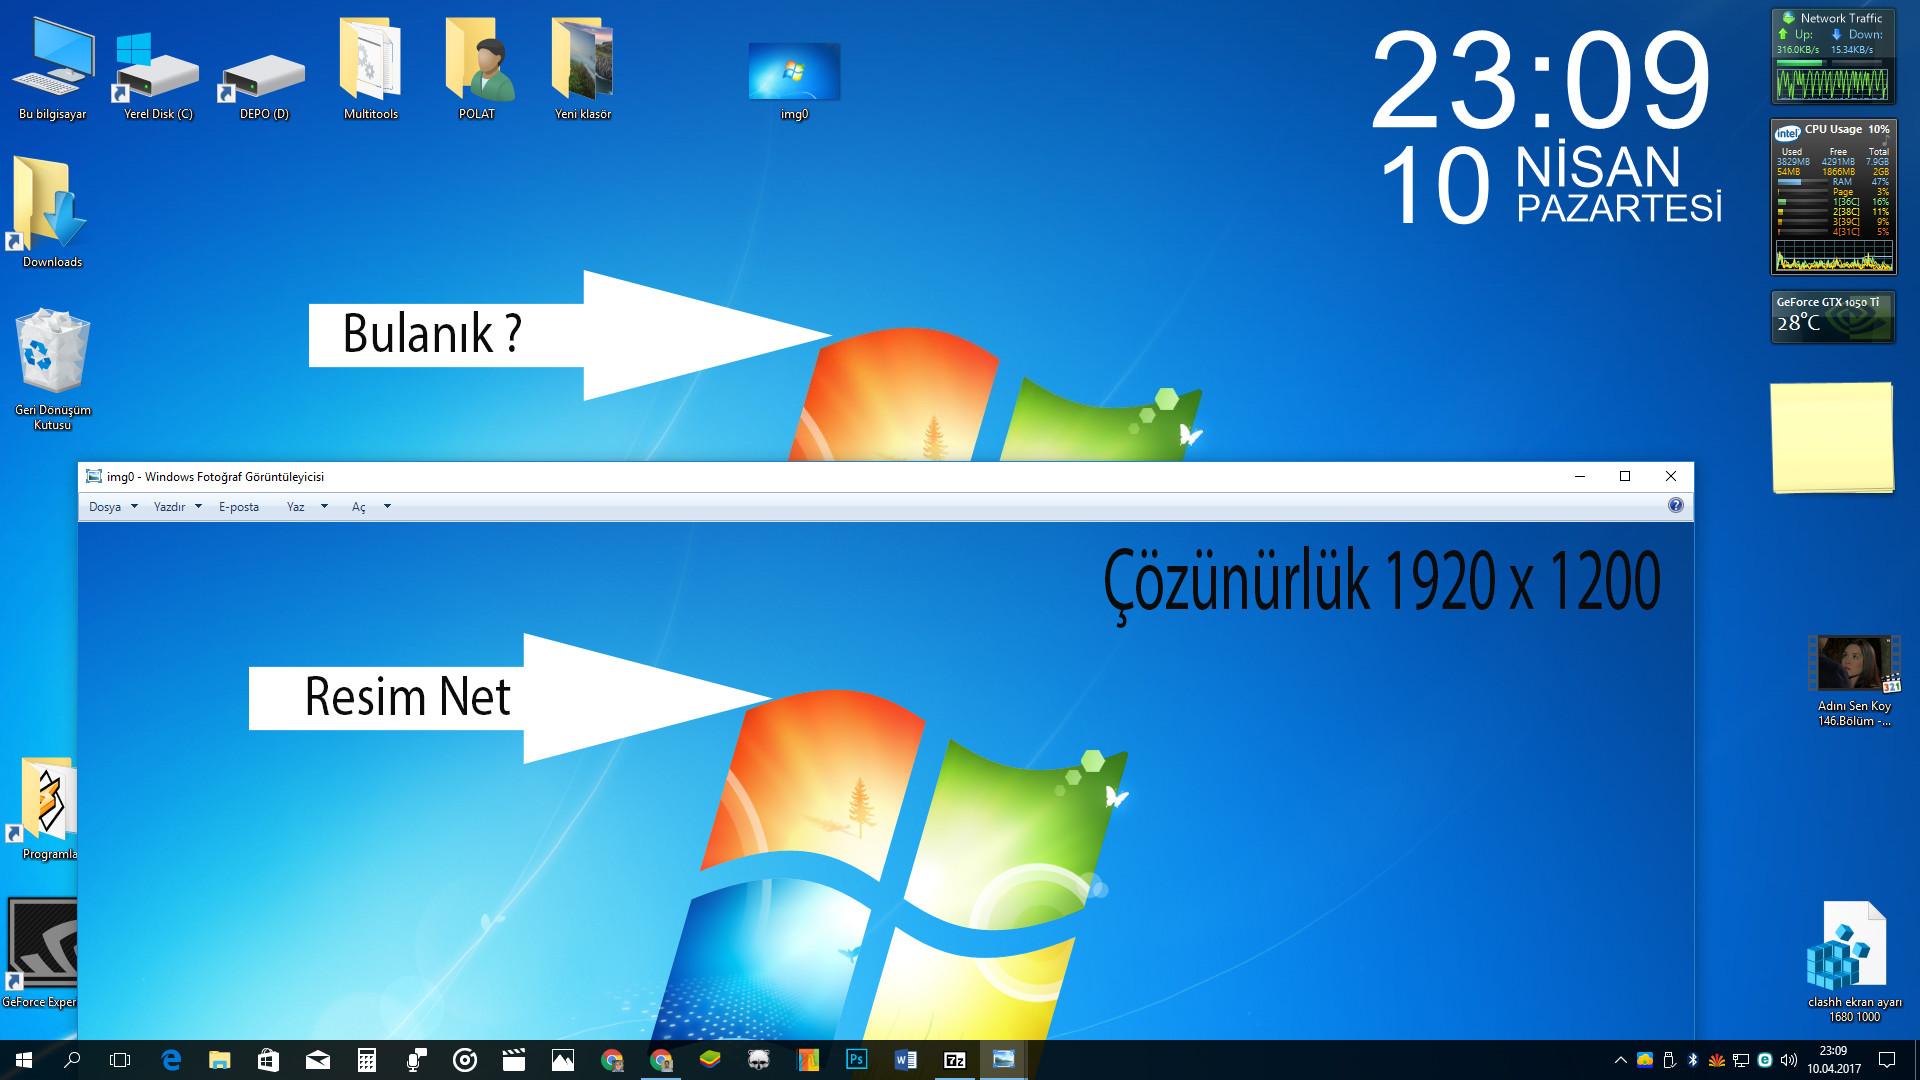 Windows 10 Bulanık Arkaplan Sorunu Technopat Sosyal